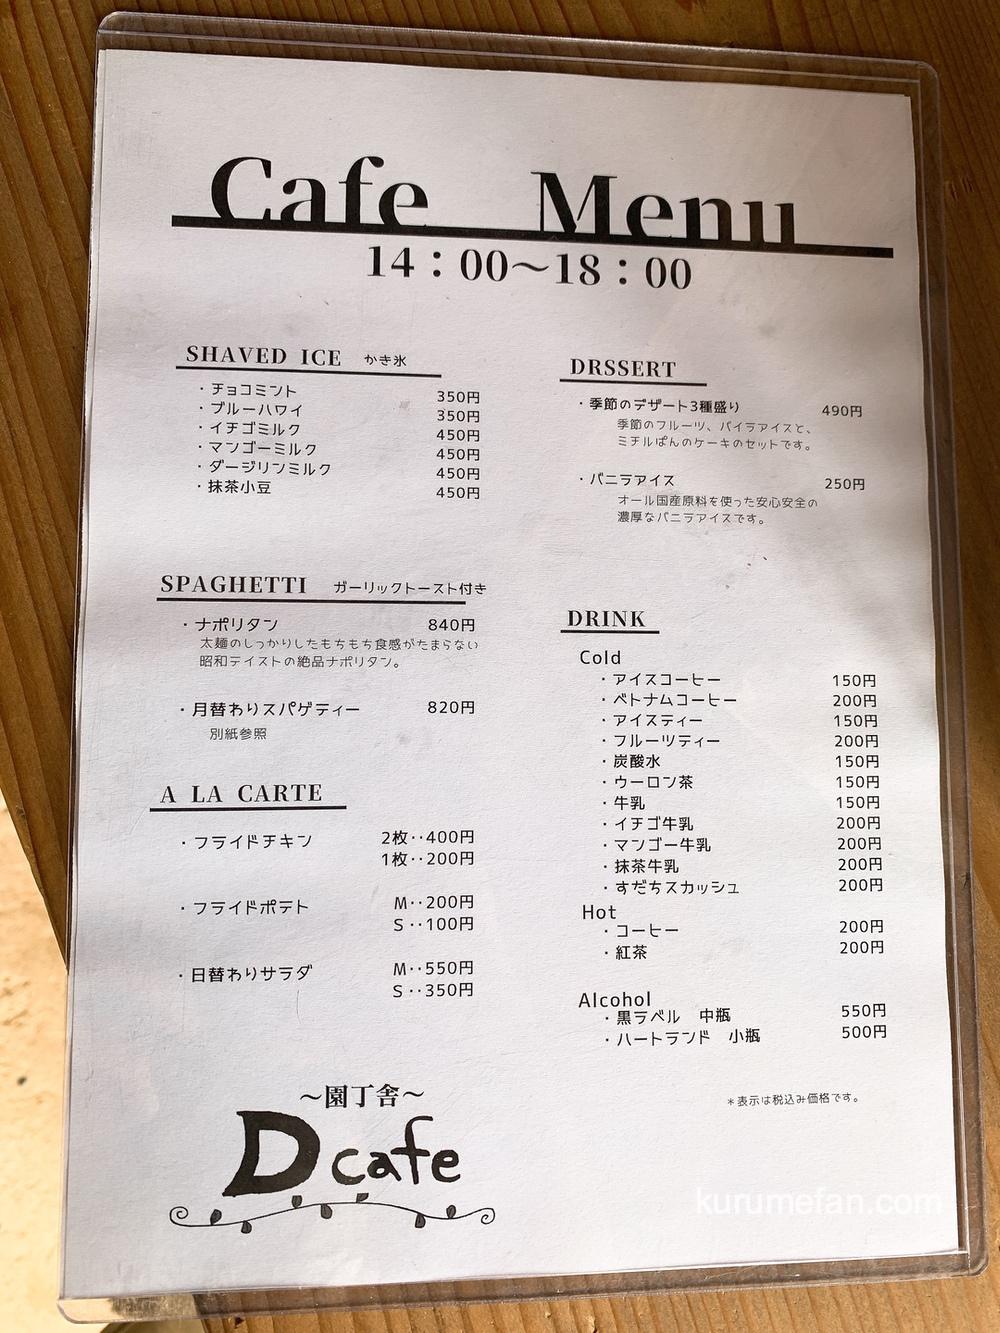 園丁舎 Dカフェ カフェメニュー表